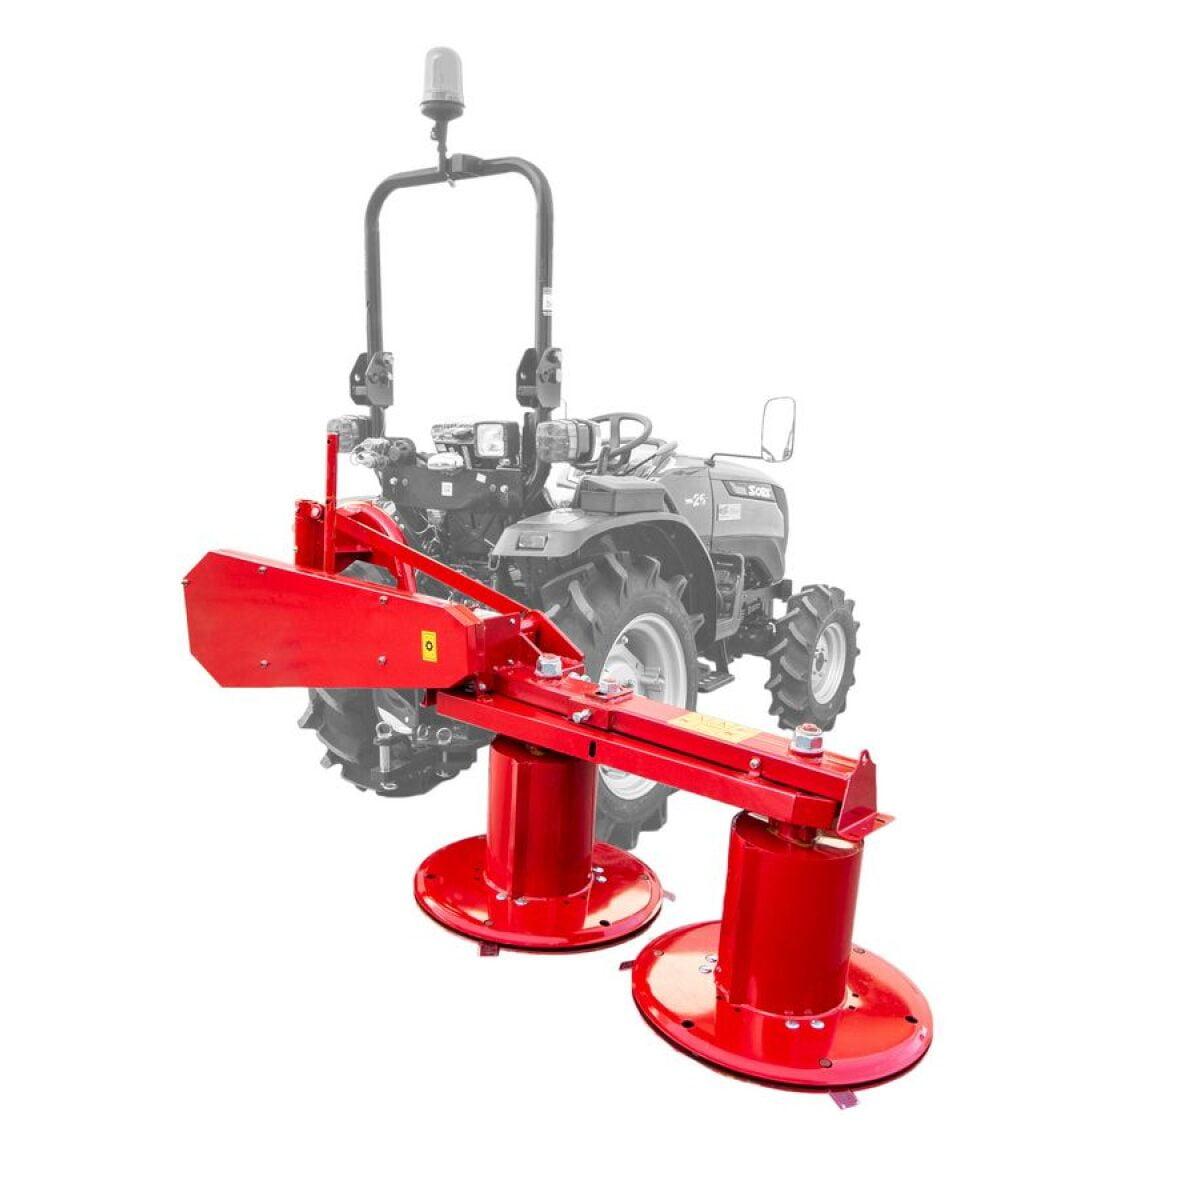 5580 03357 cositoare rotativa tractor o mac.ro